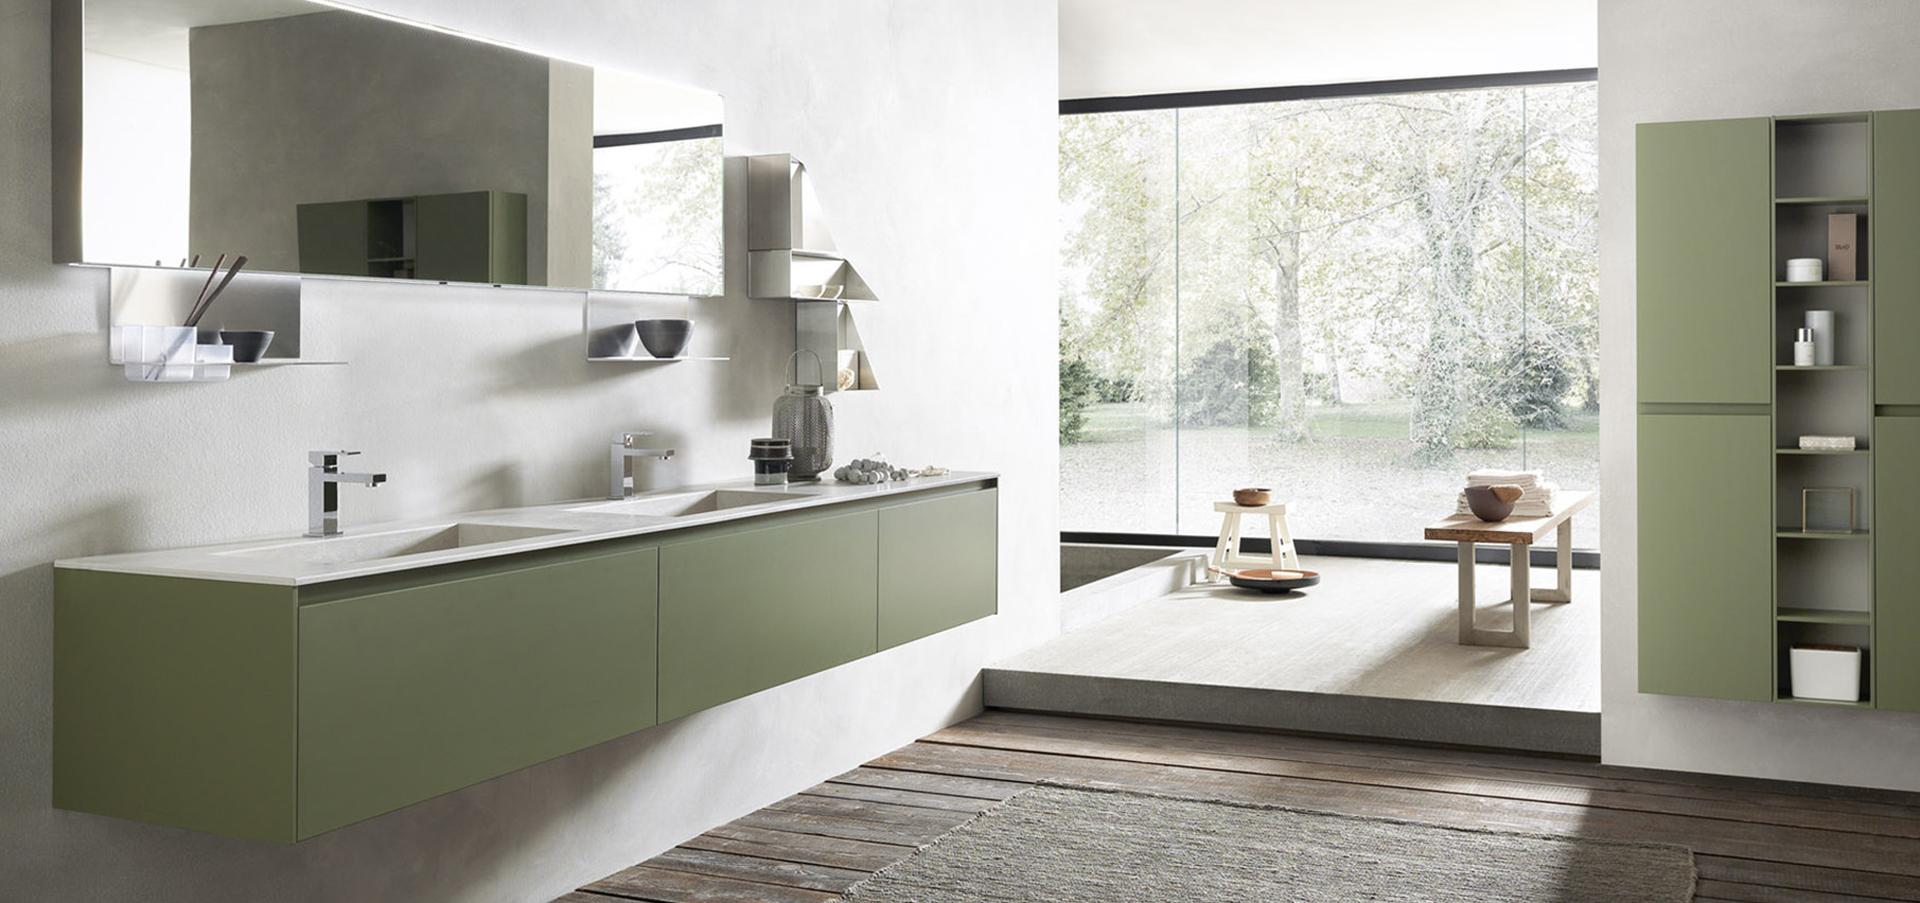 Arredamento Bagni Moderni - Colore Grigio e Verde!